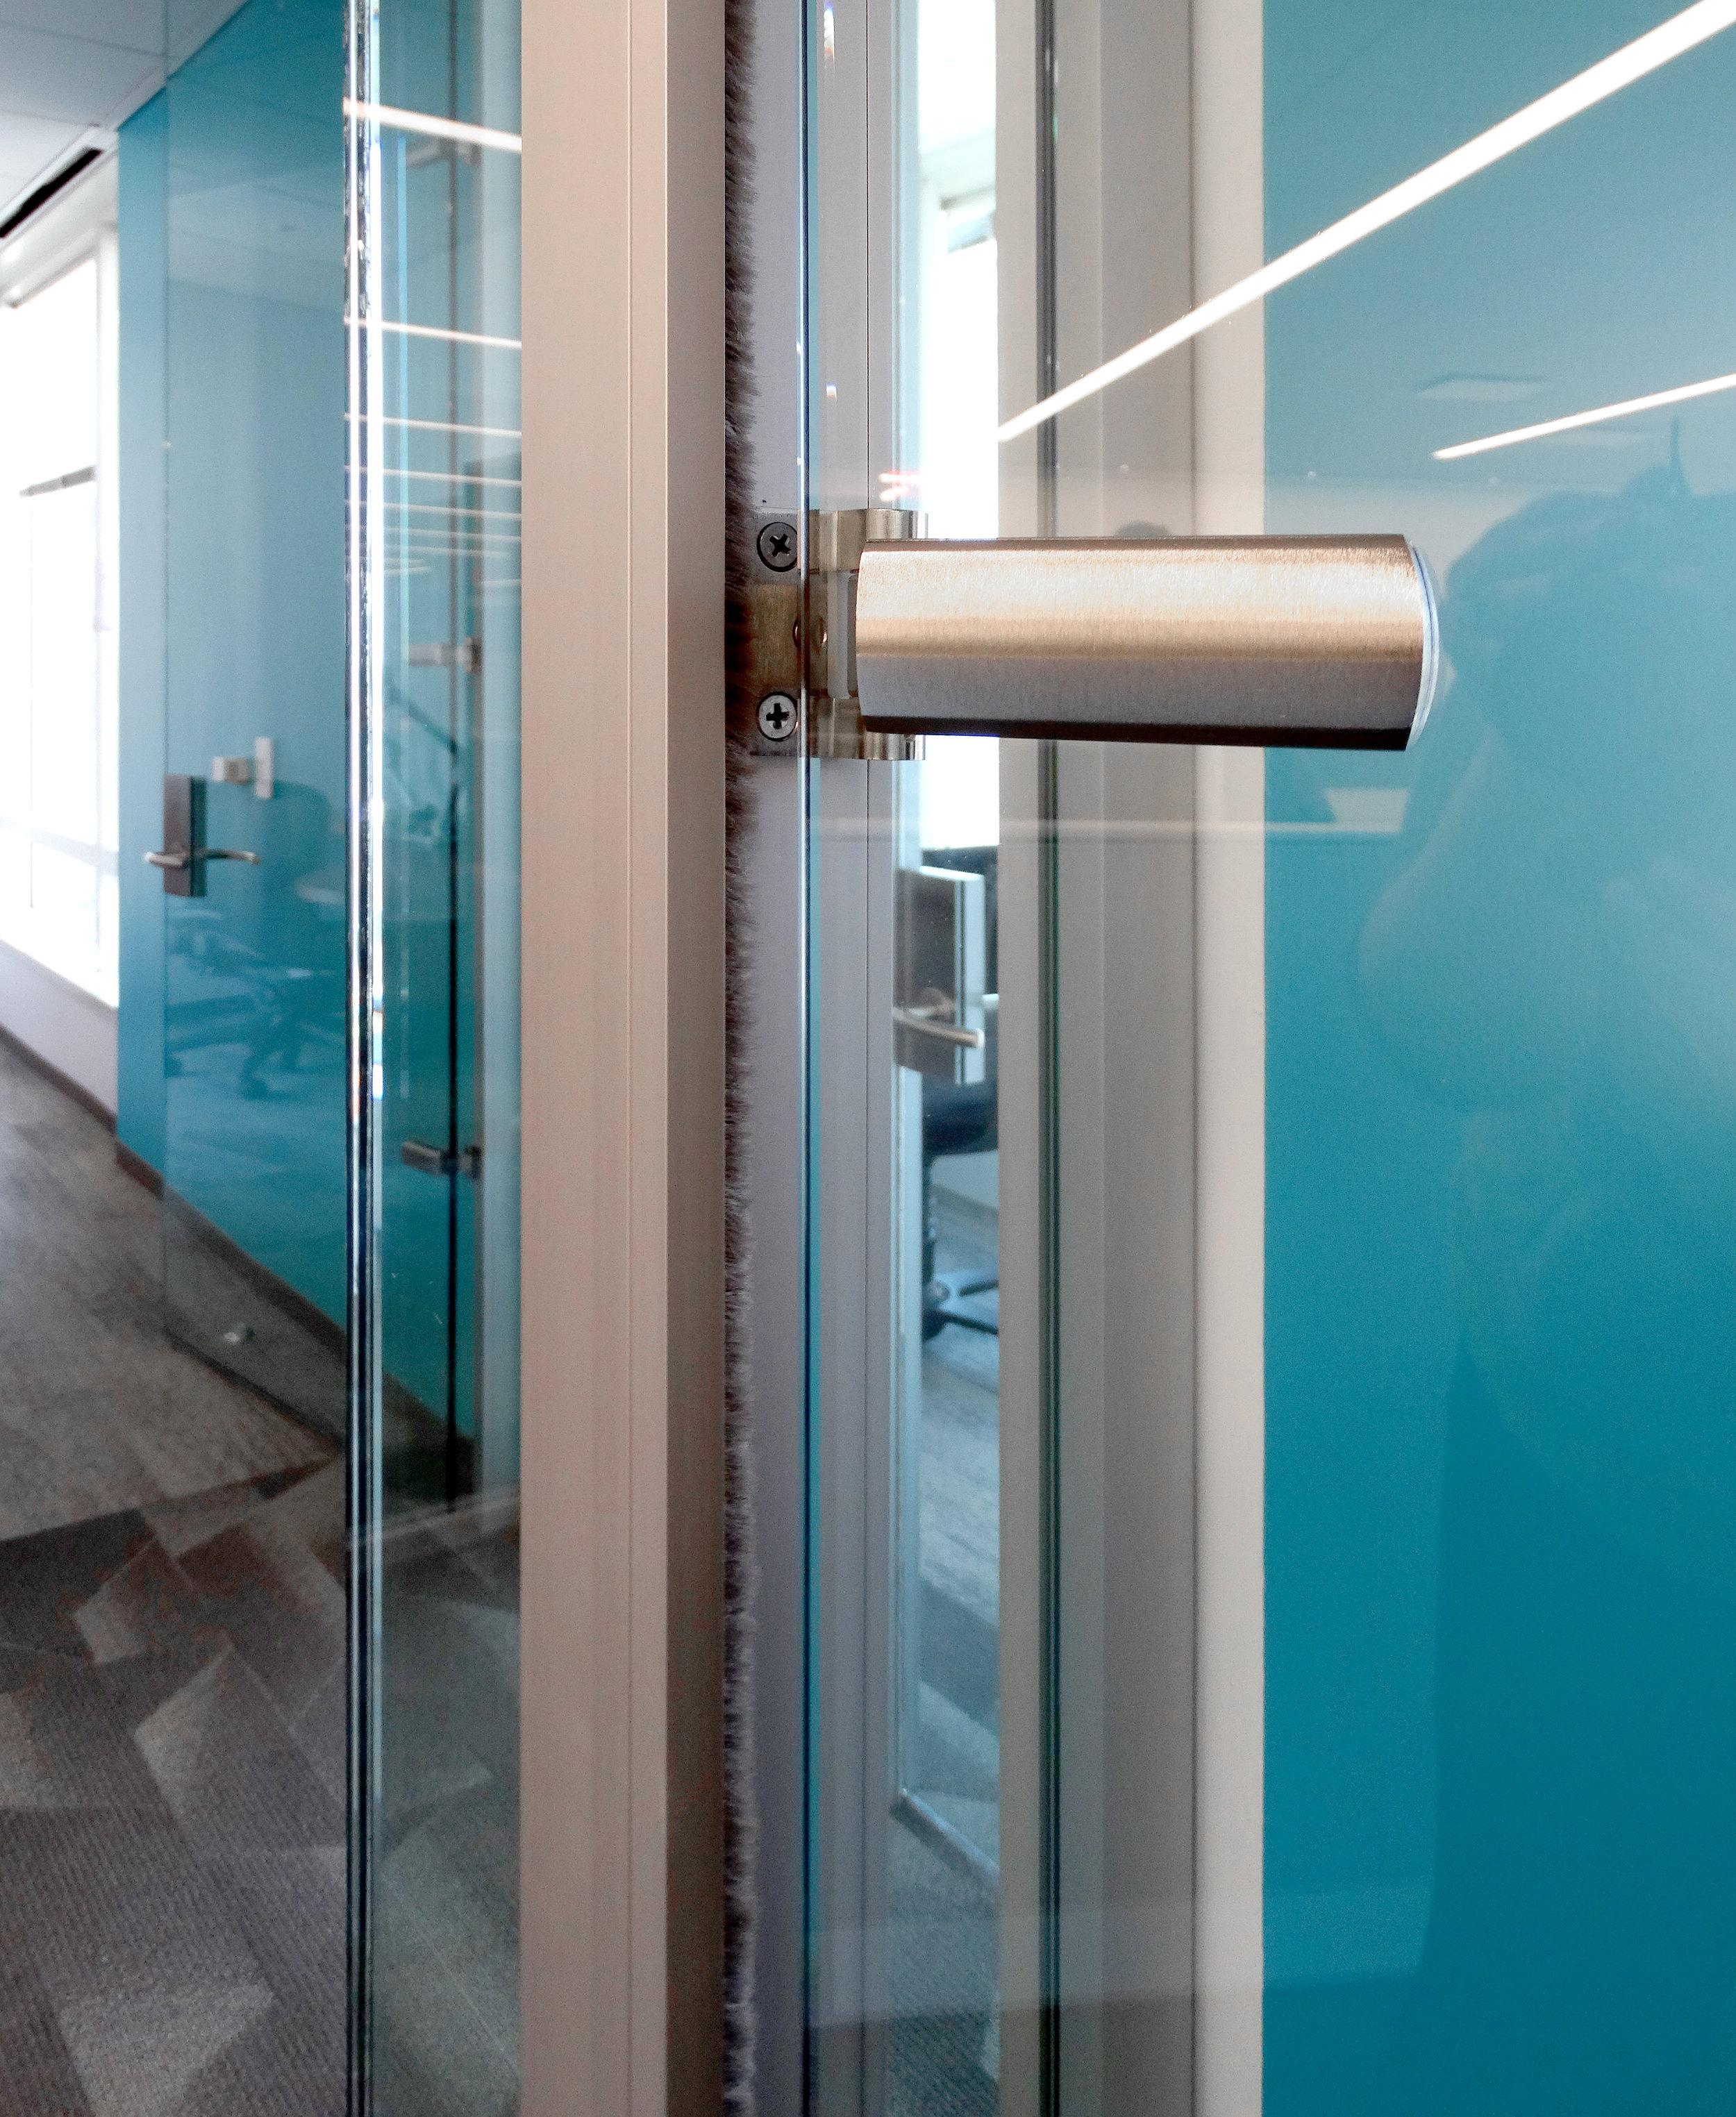 Litespace Frameless Glass Door Hinge - Spaceworks AI.jpg